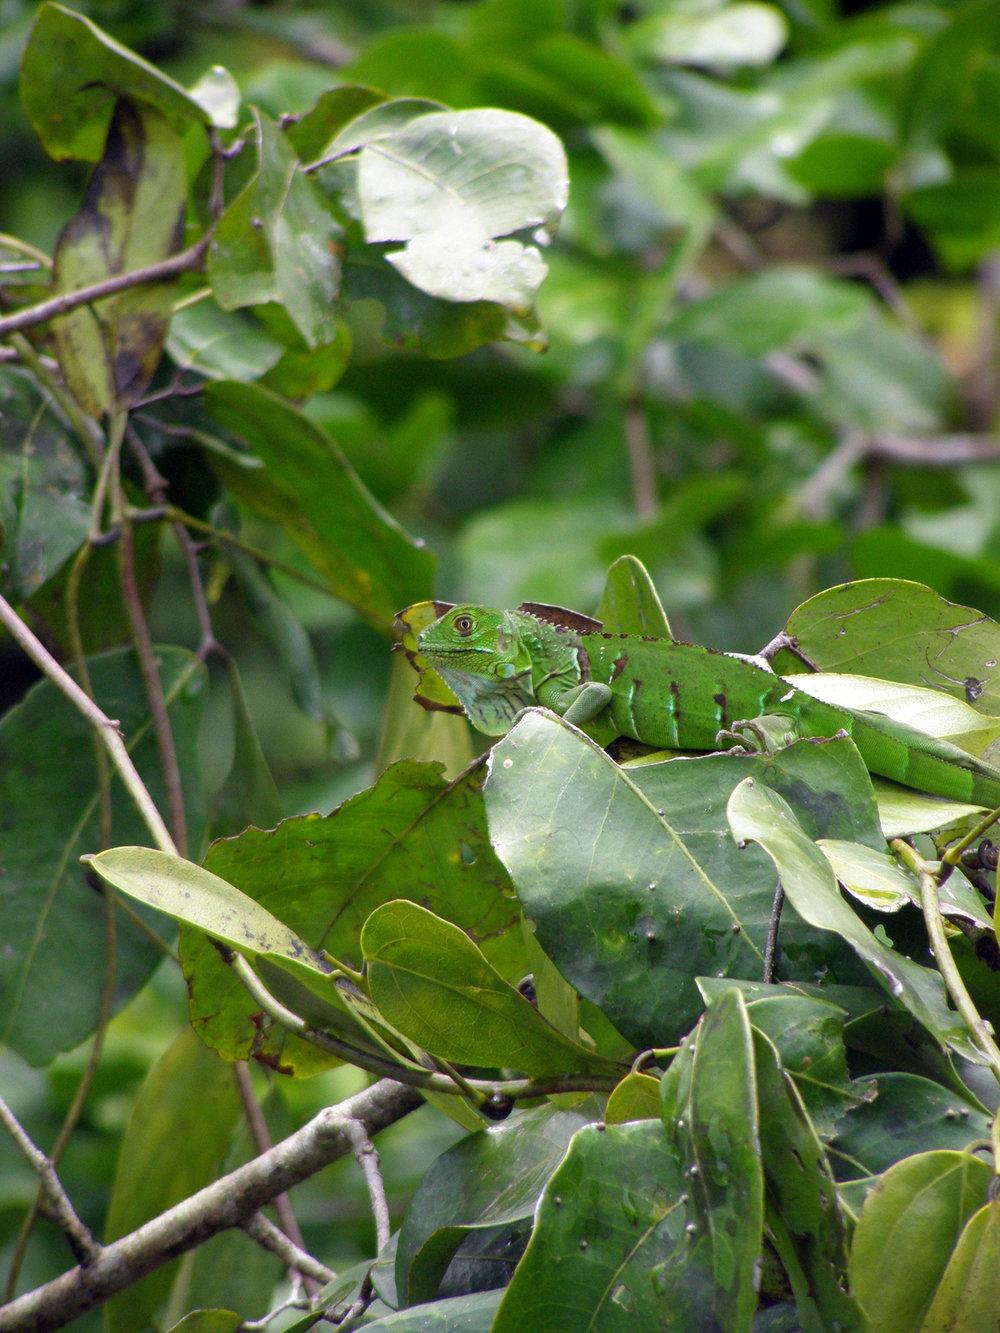 iguana-1-1348788-1279x1705.jpg